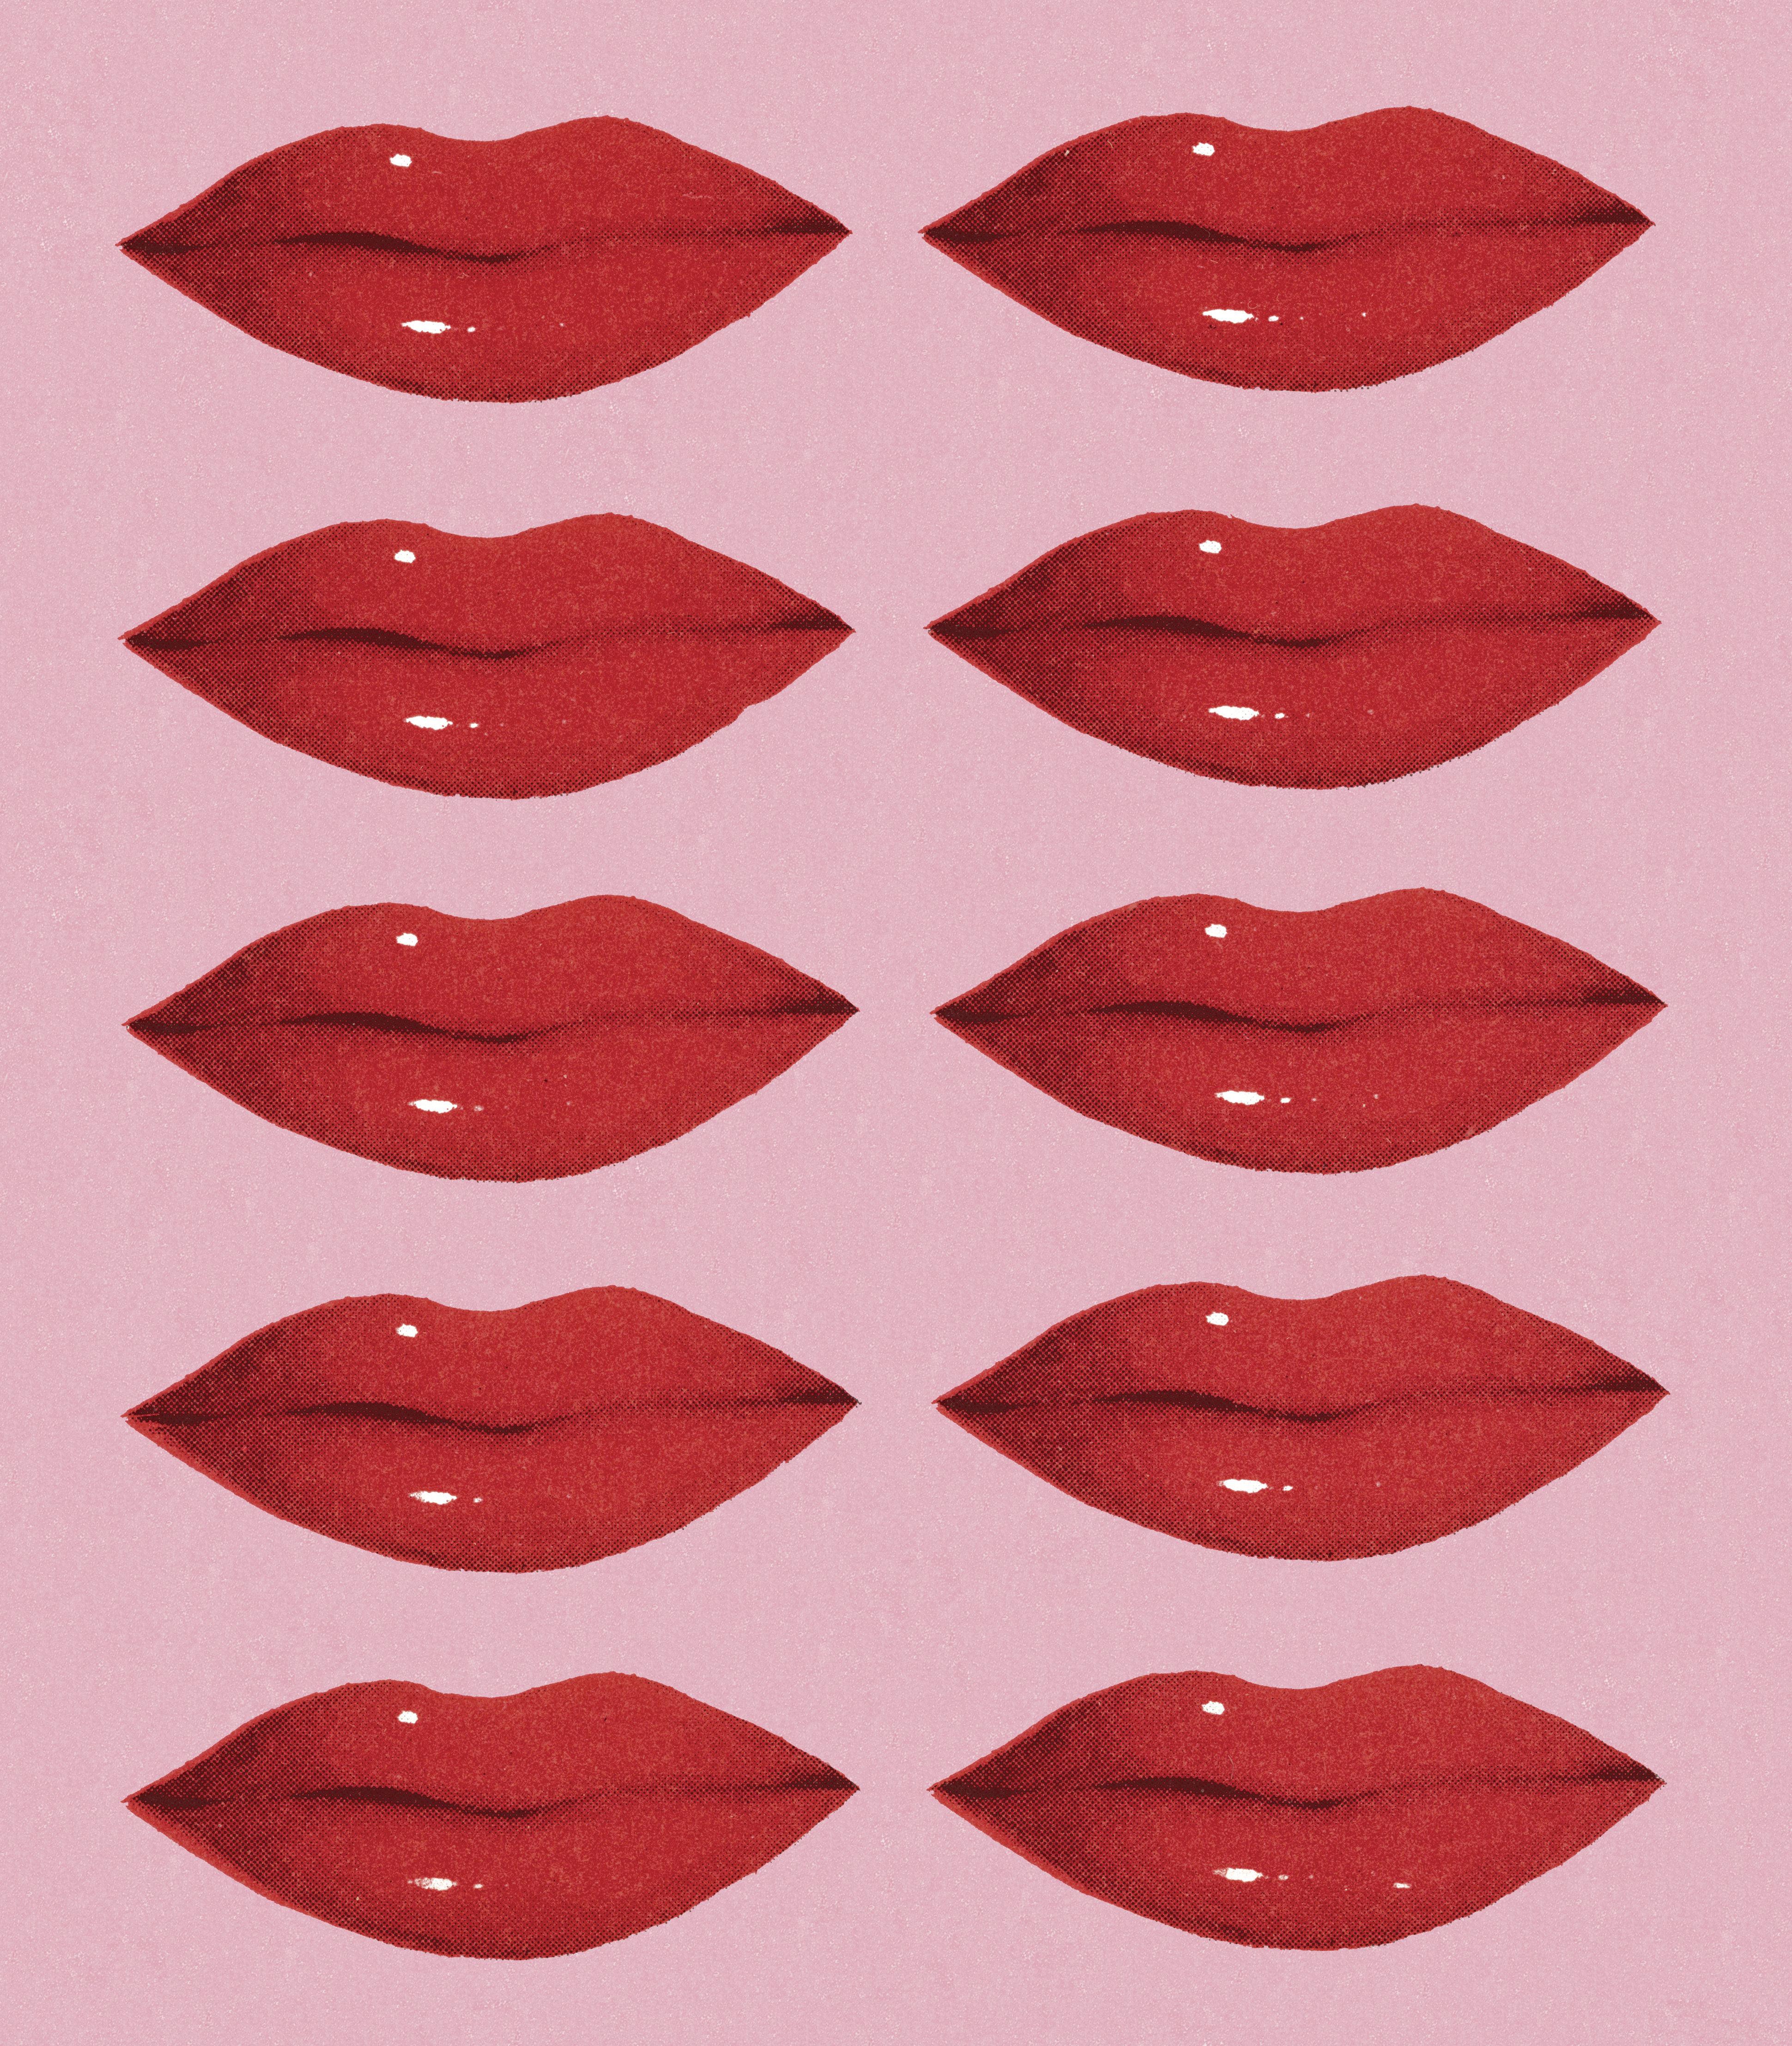 Ten Red Lips